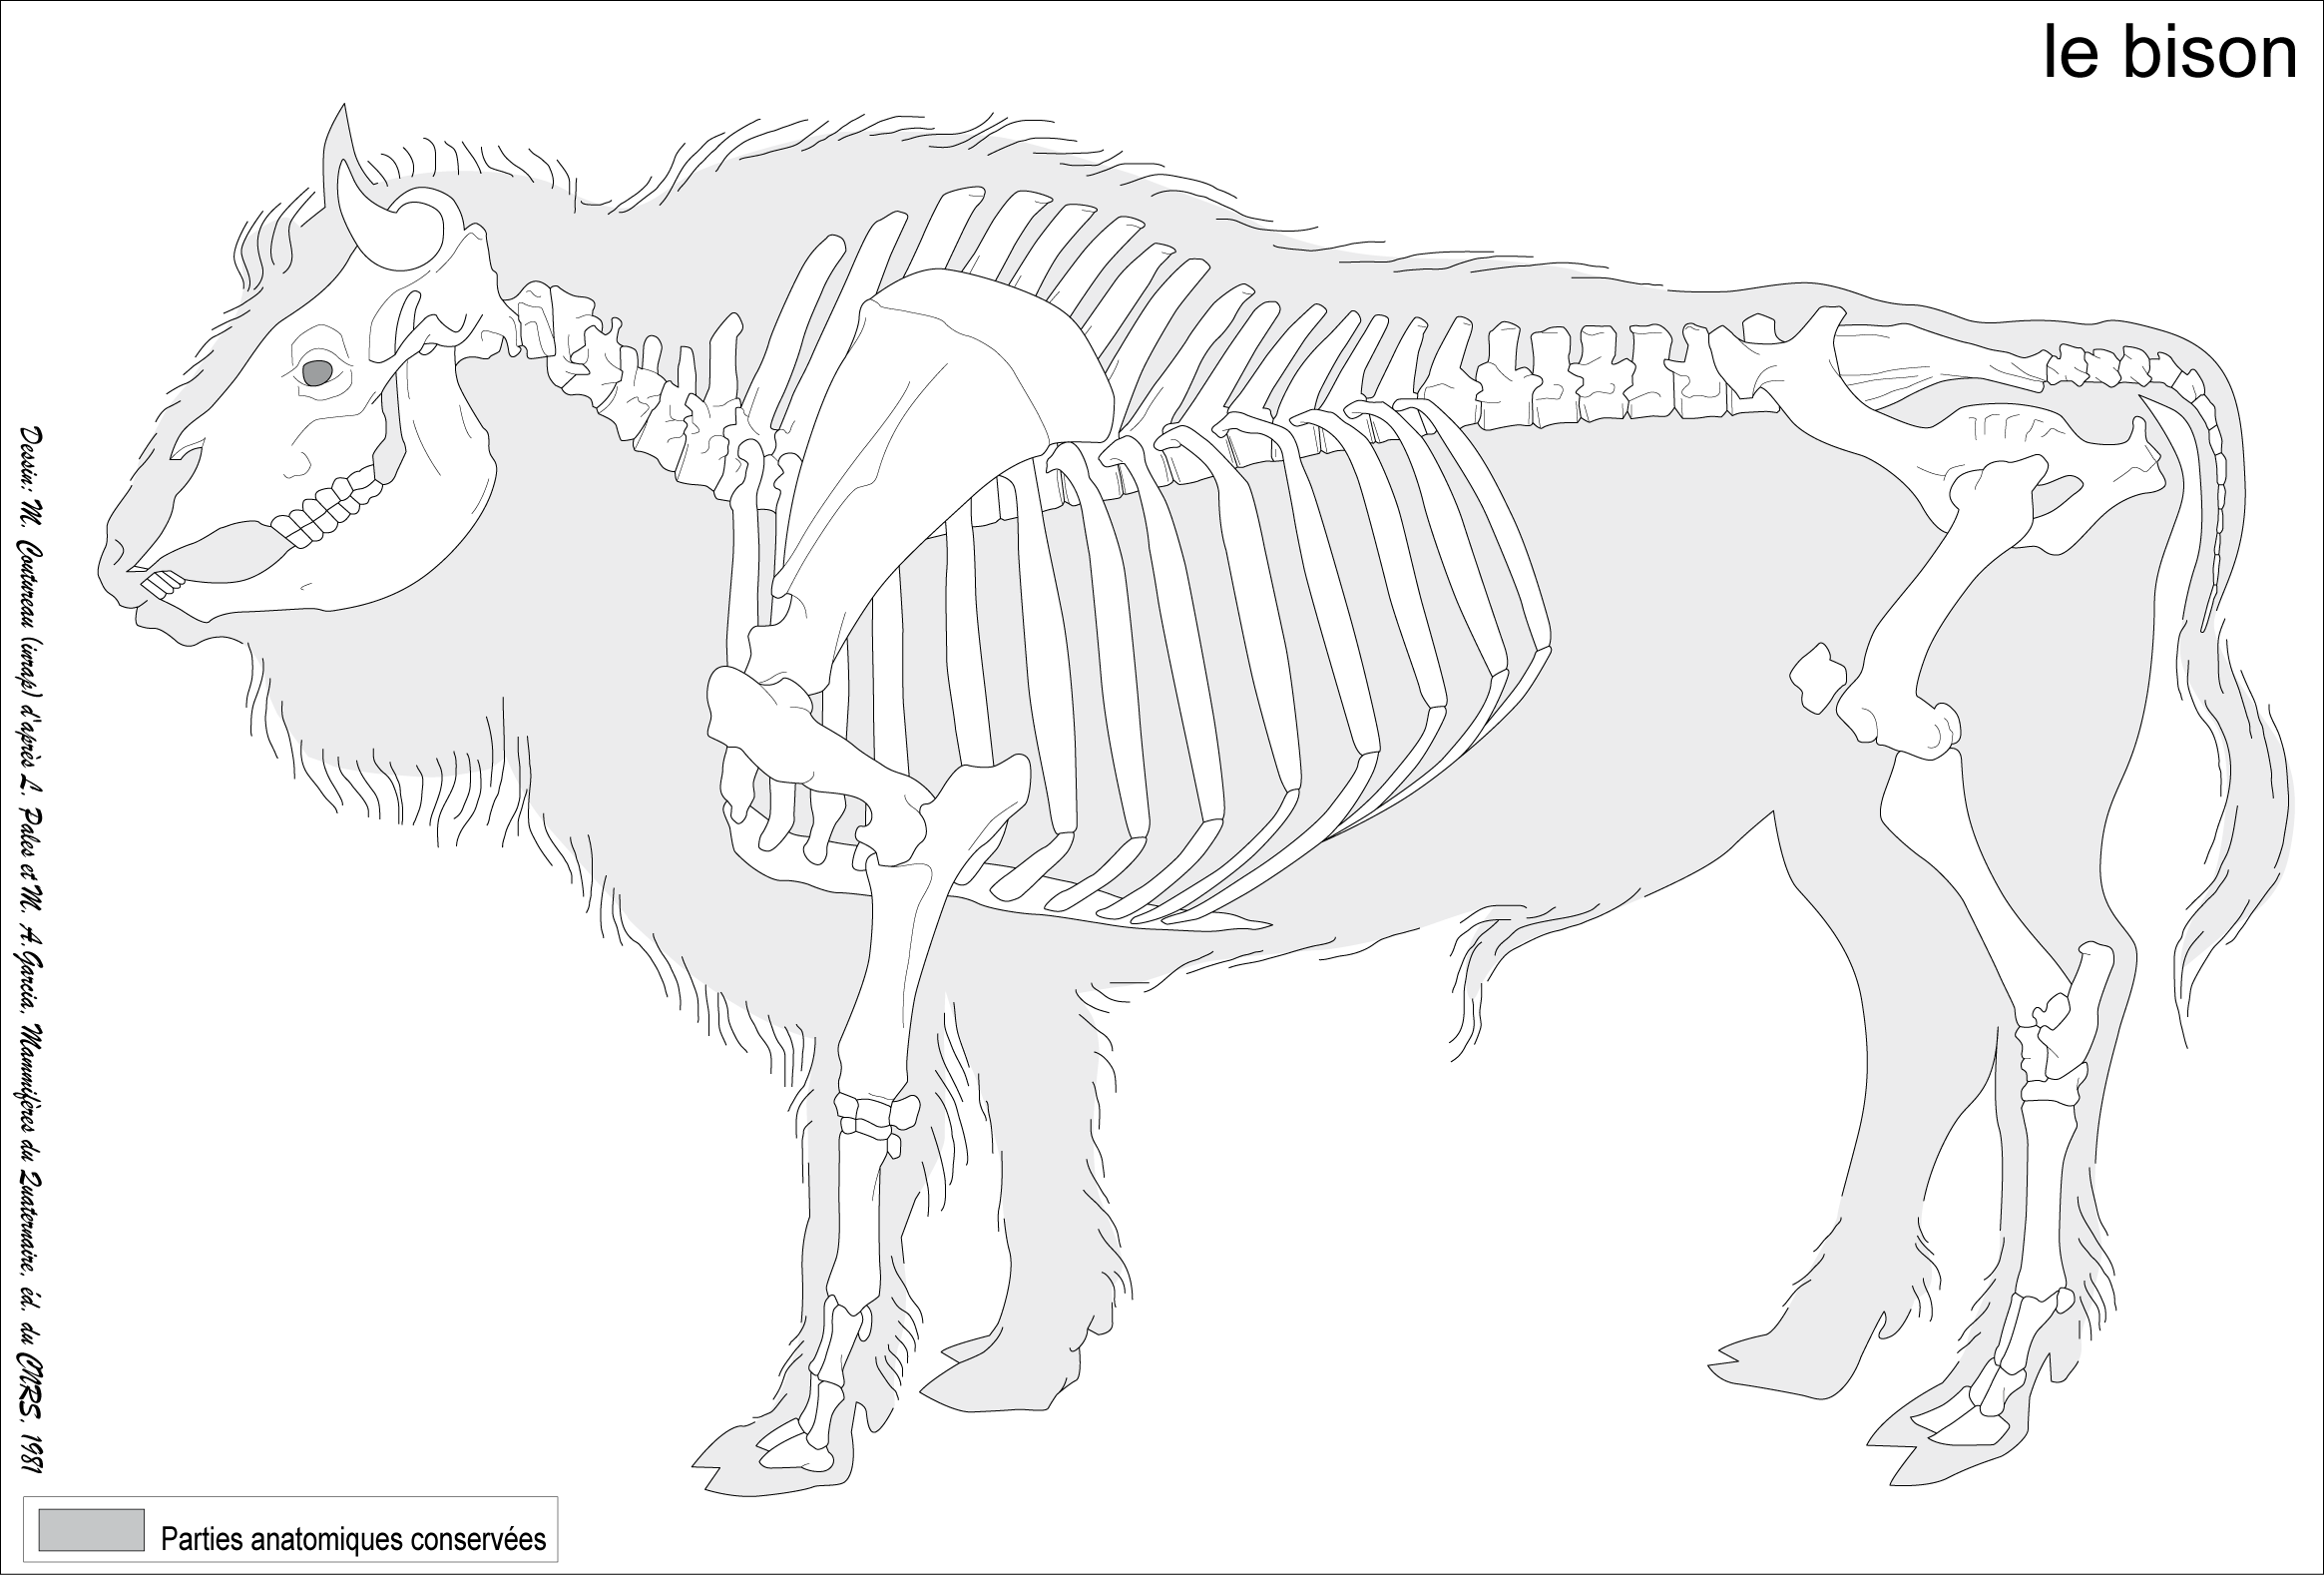 скелет быка картинки его жизни метро